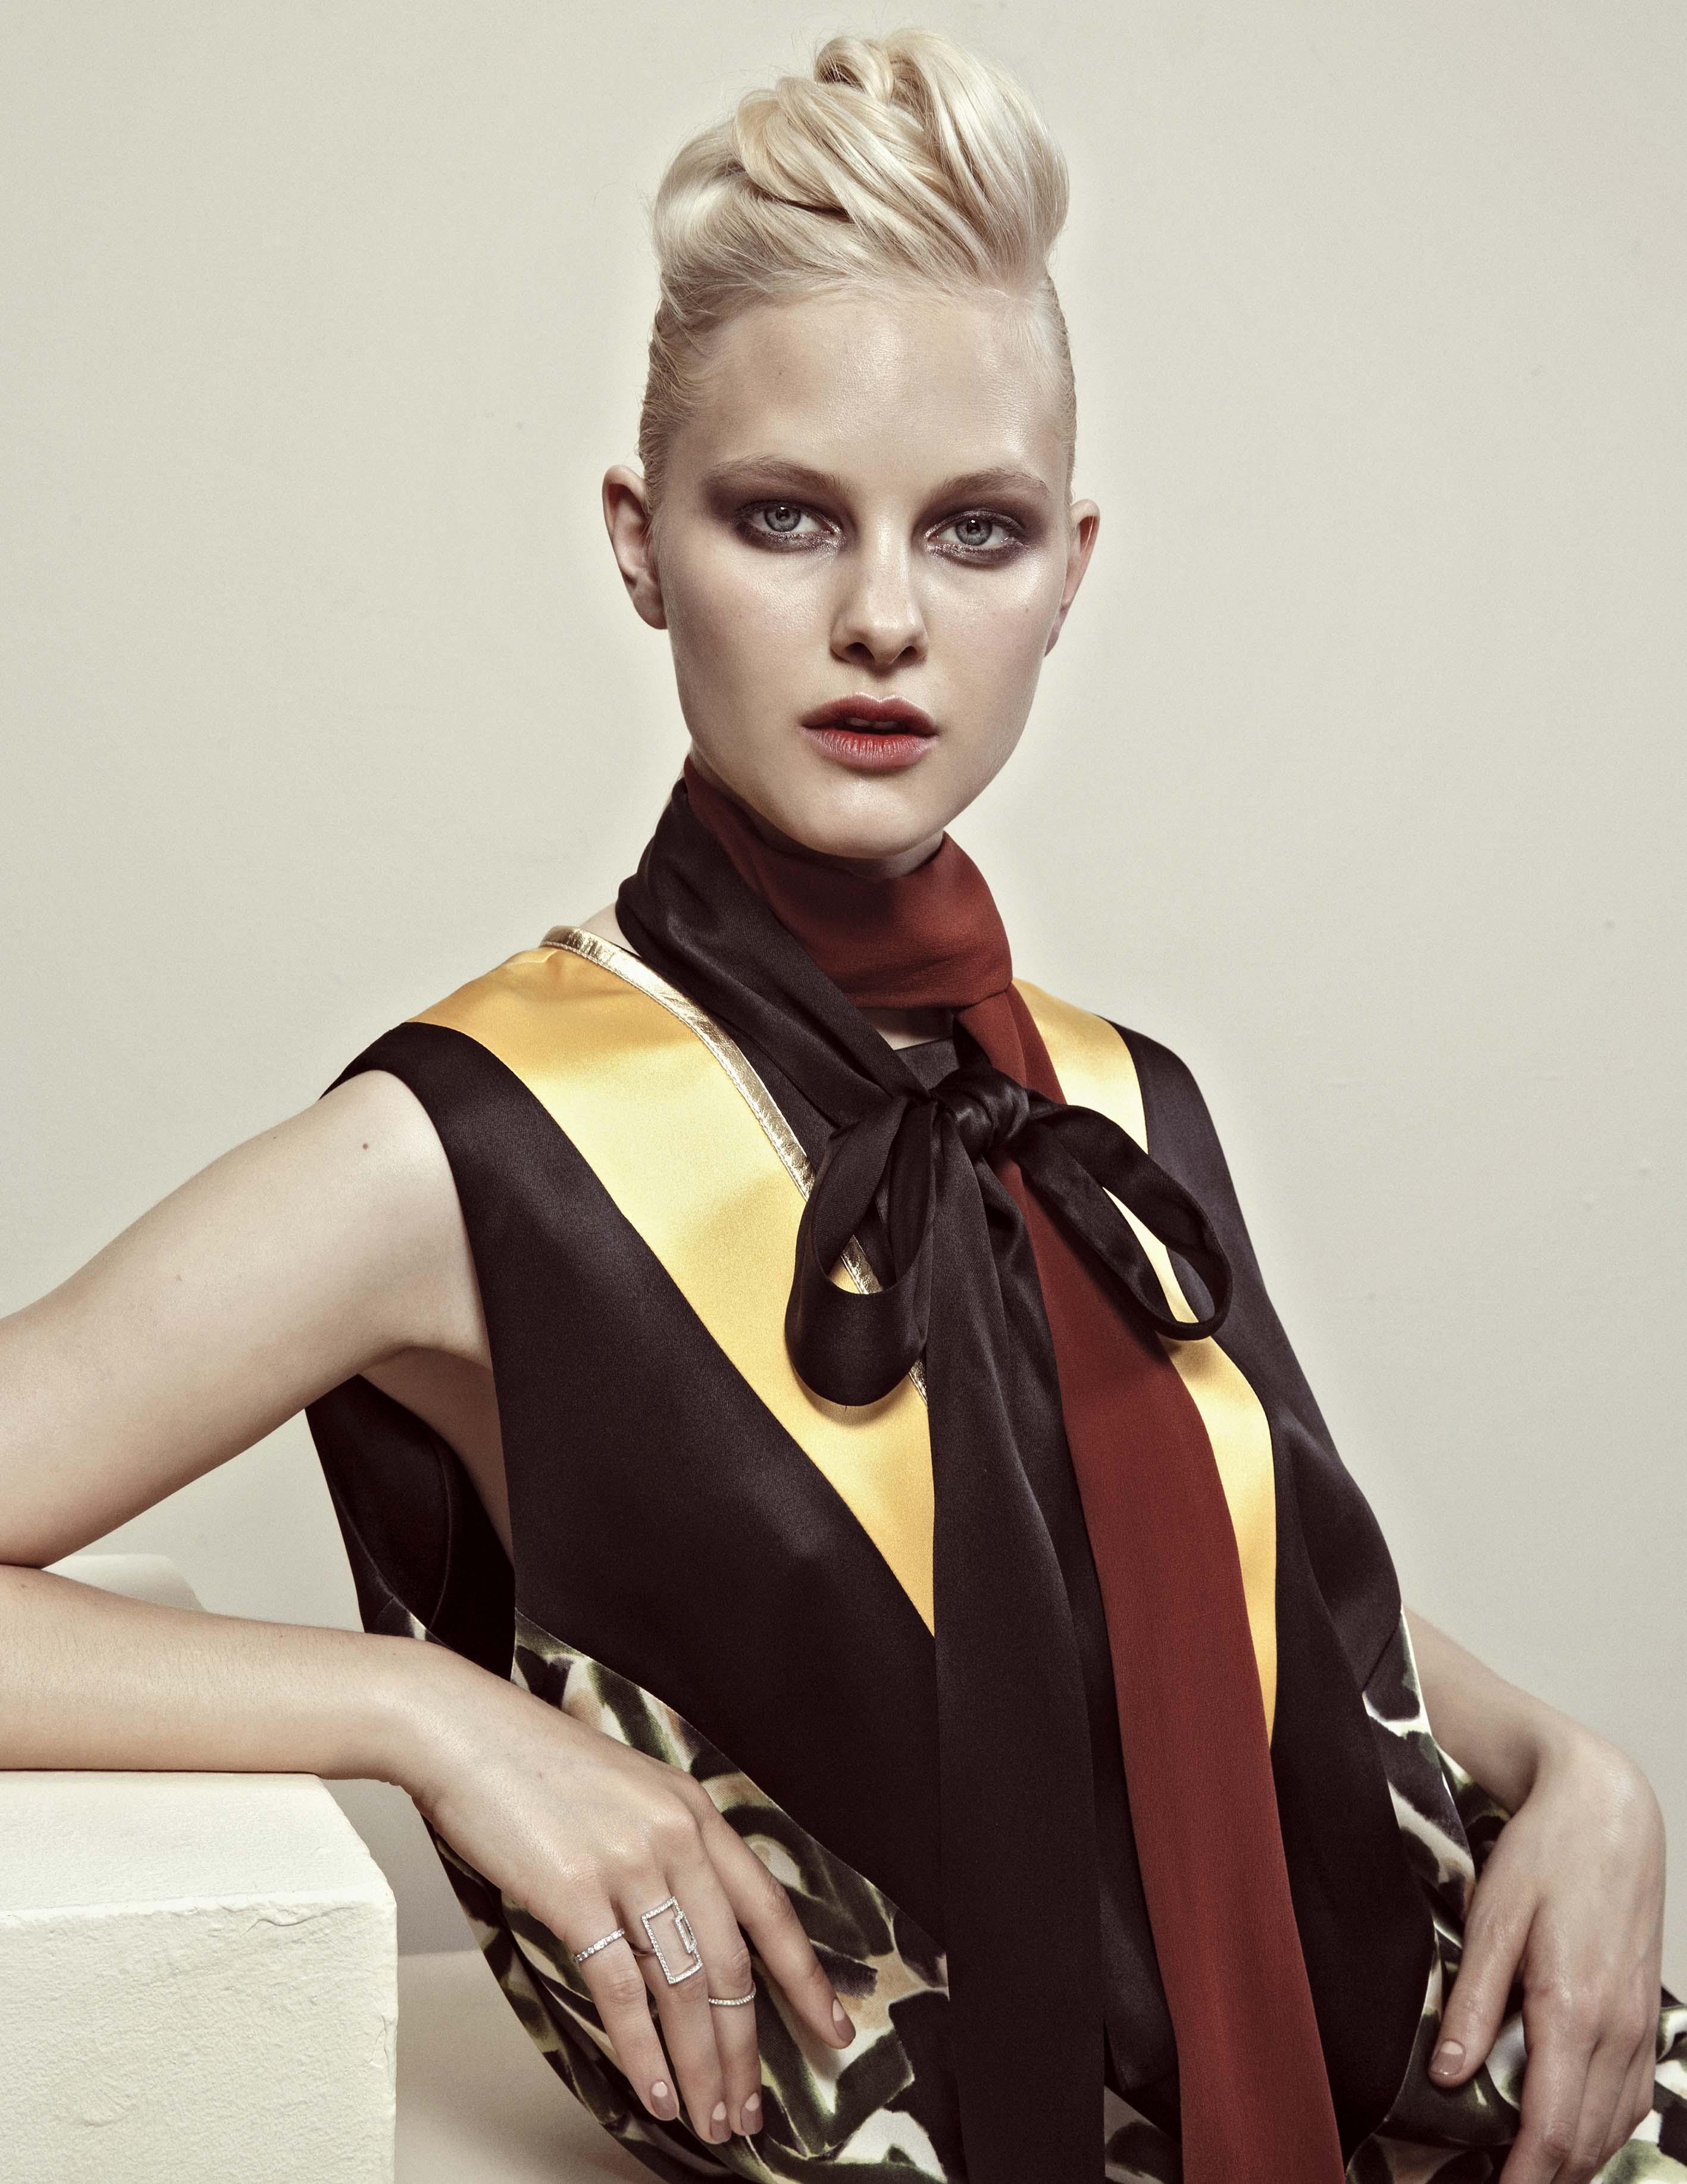 Anna foster fashion stylist